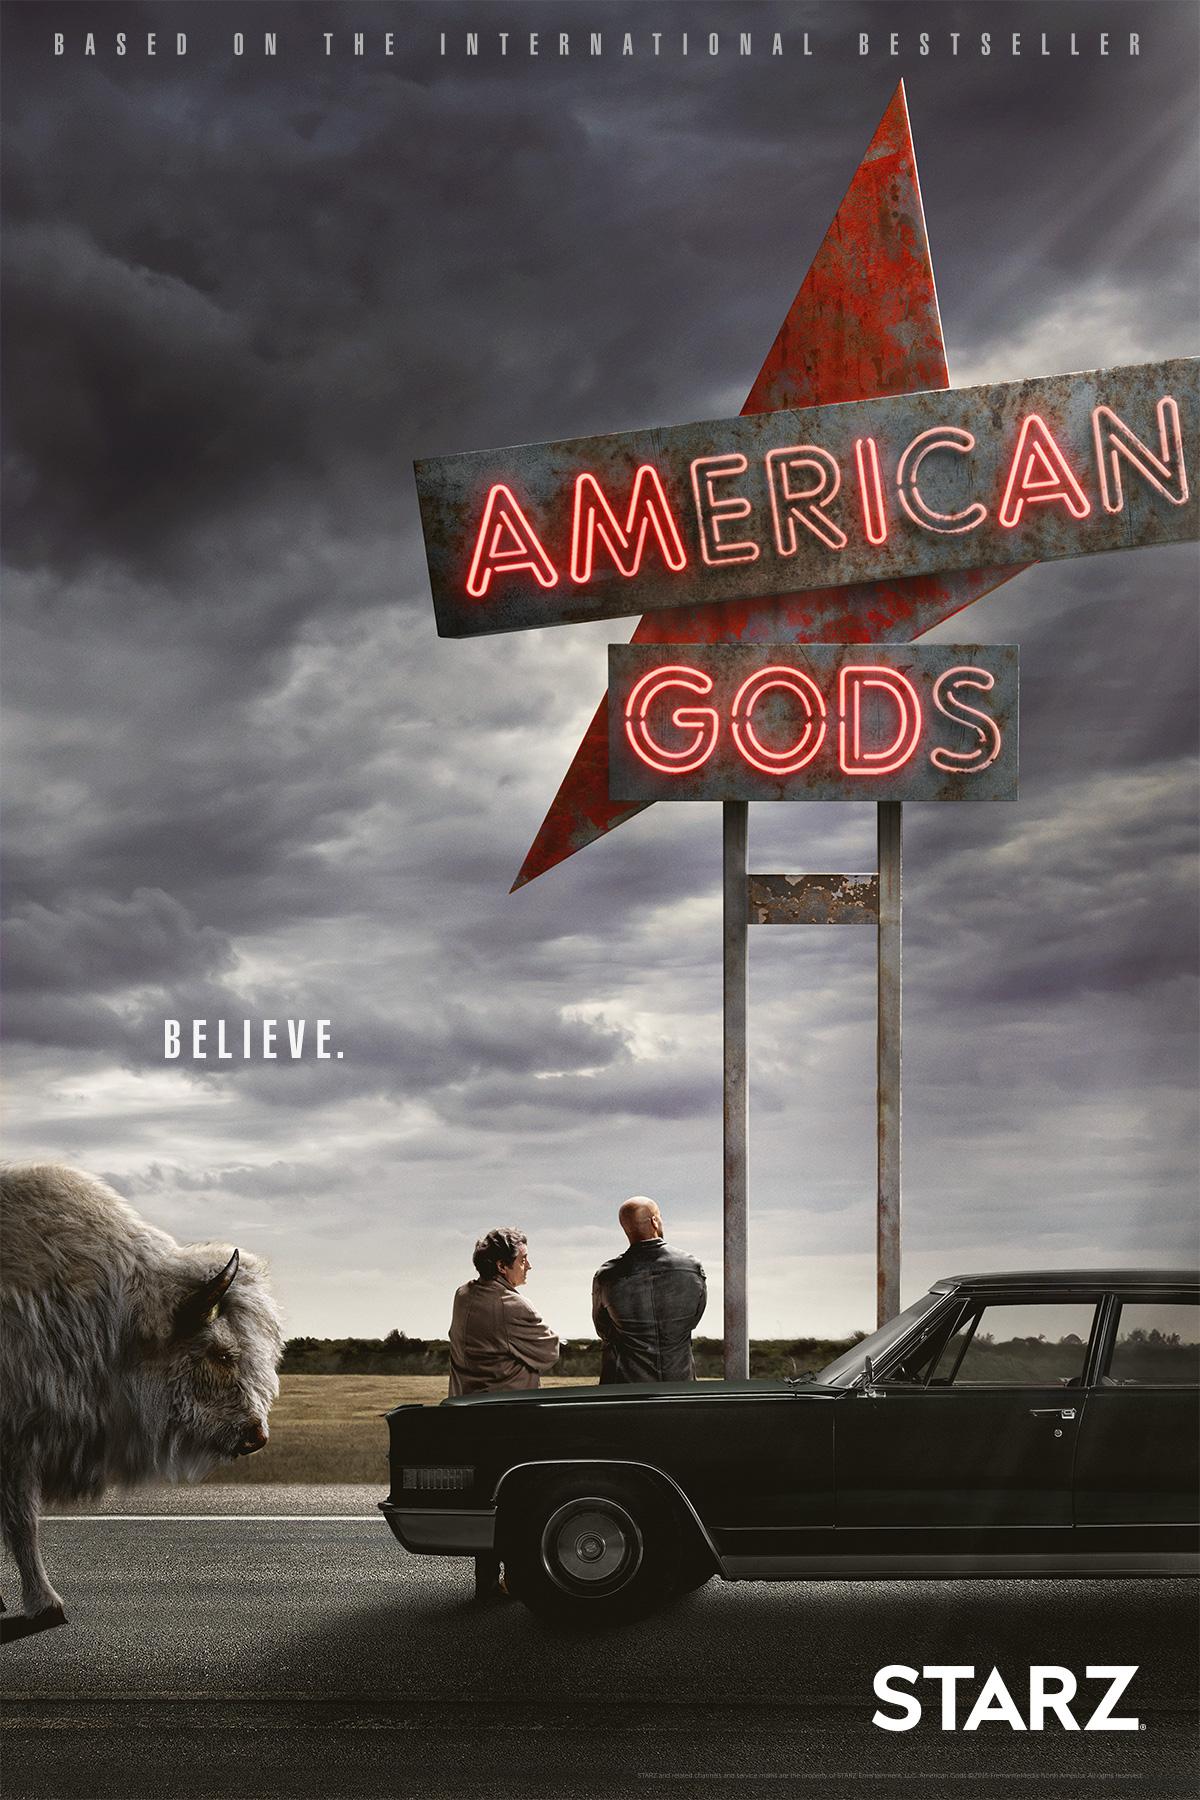 American Gods Start & Poster 1